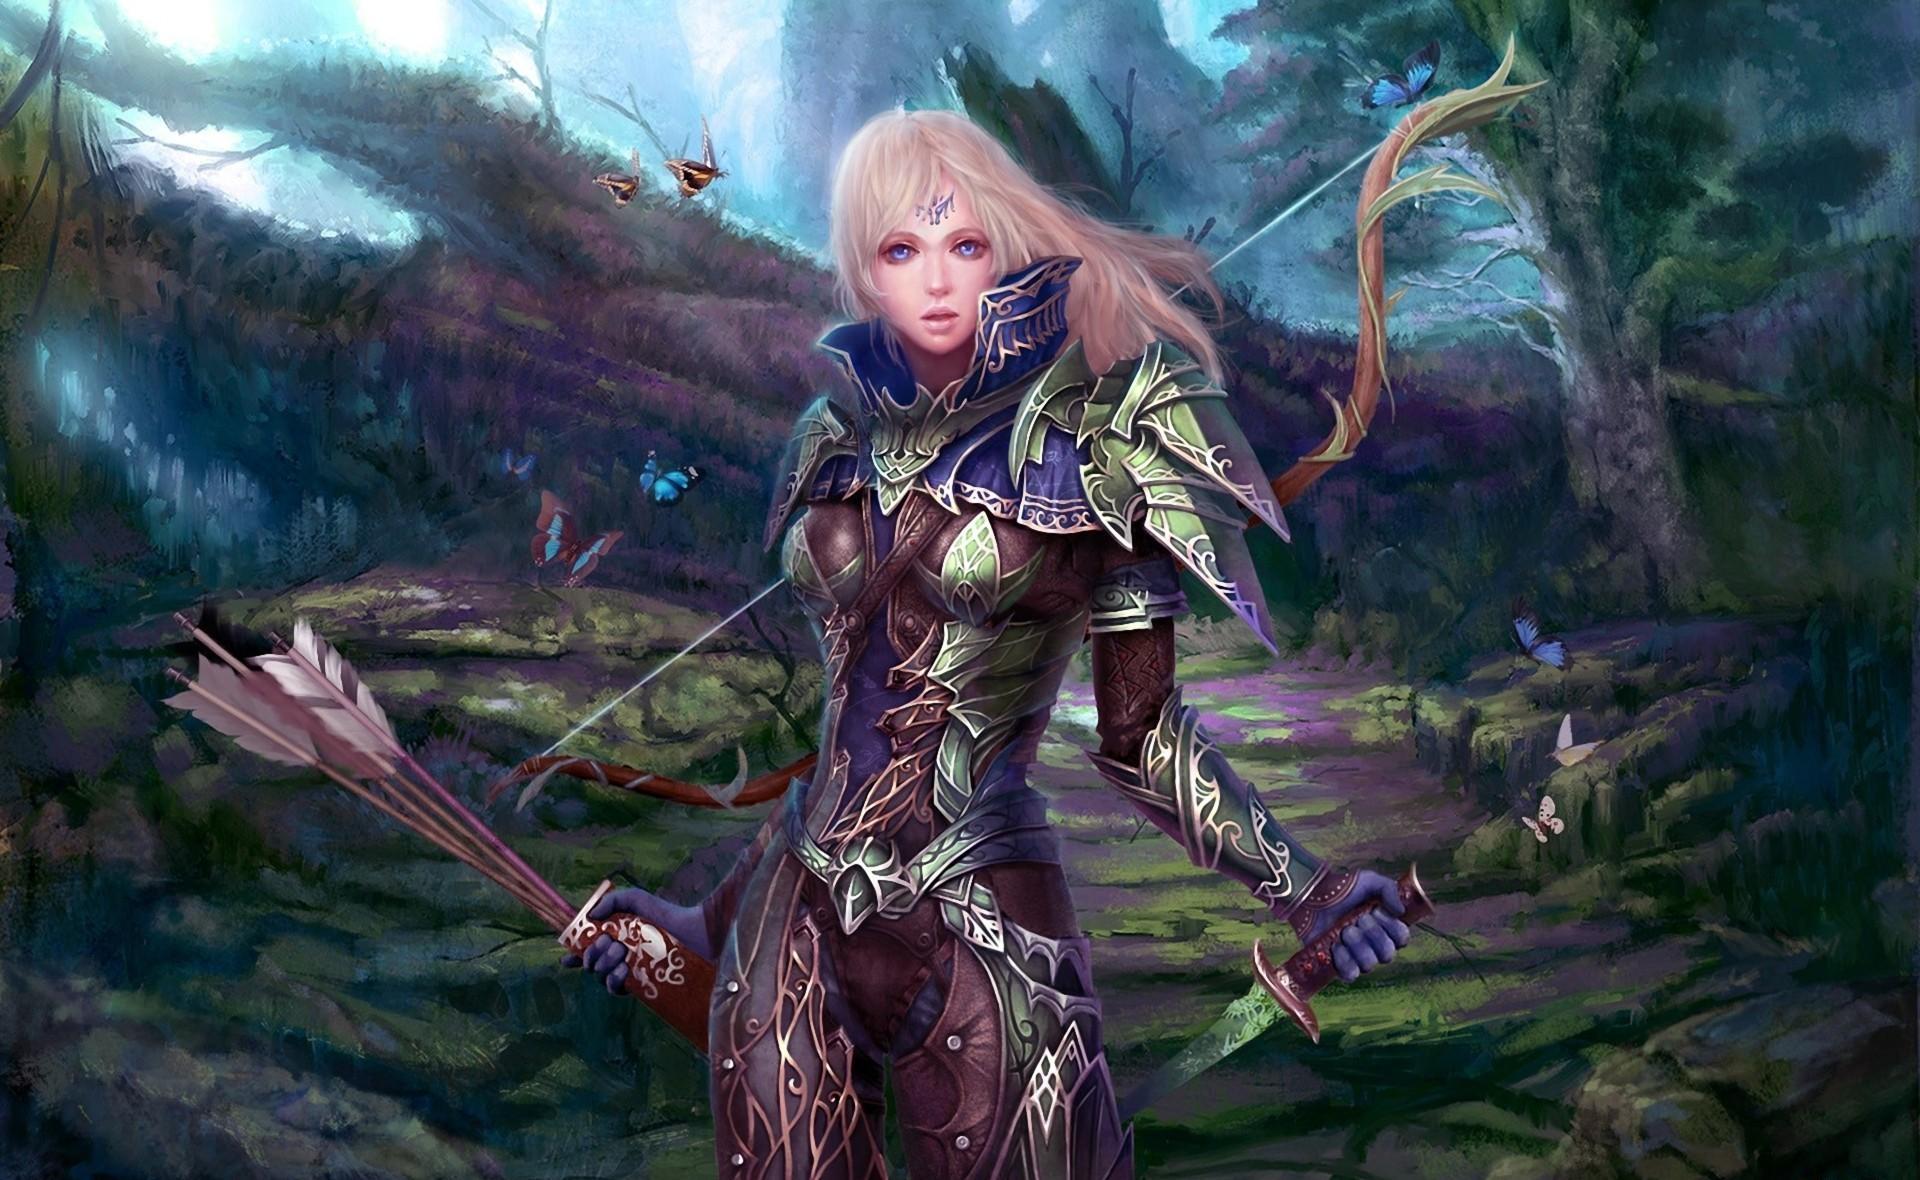 Картинки эльфиек из игры